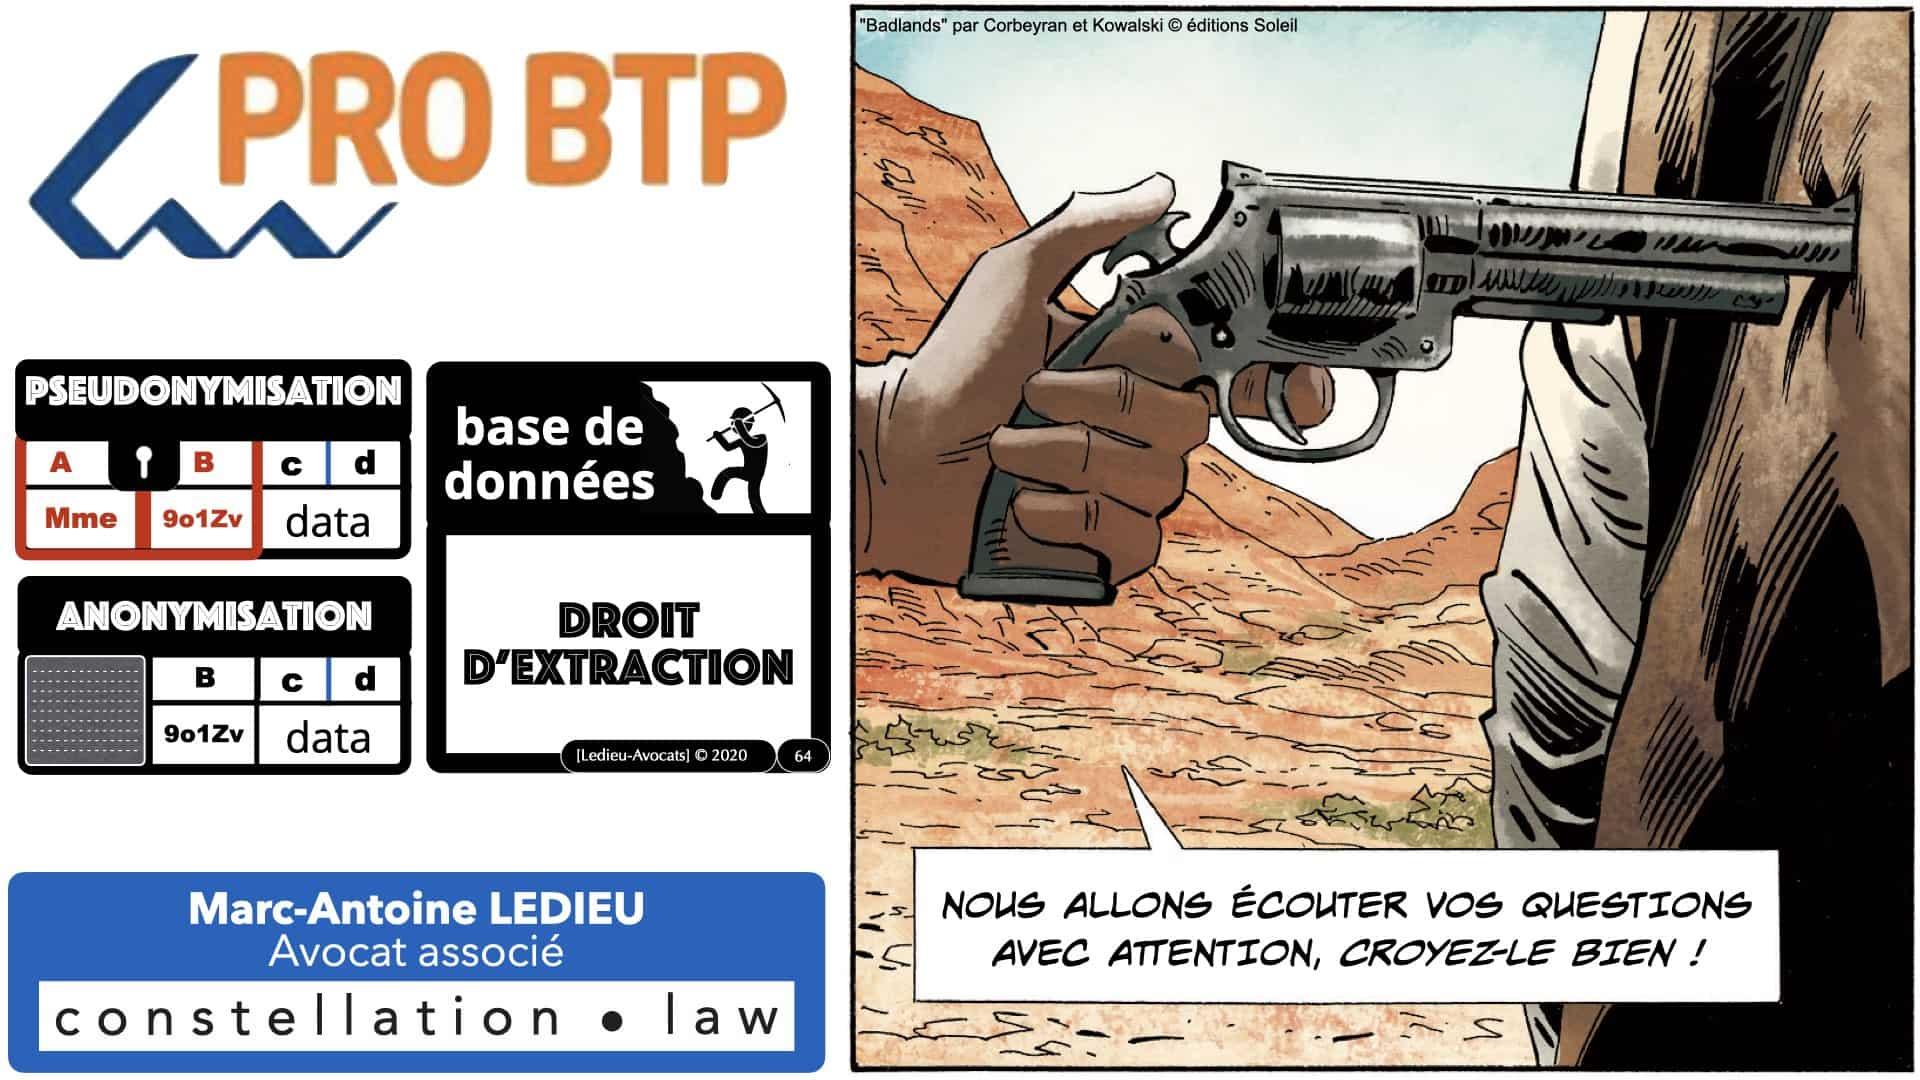 314 PRO BTP © Ledieu-avocat 03-12-2020.064